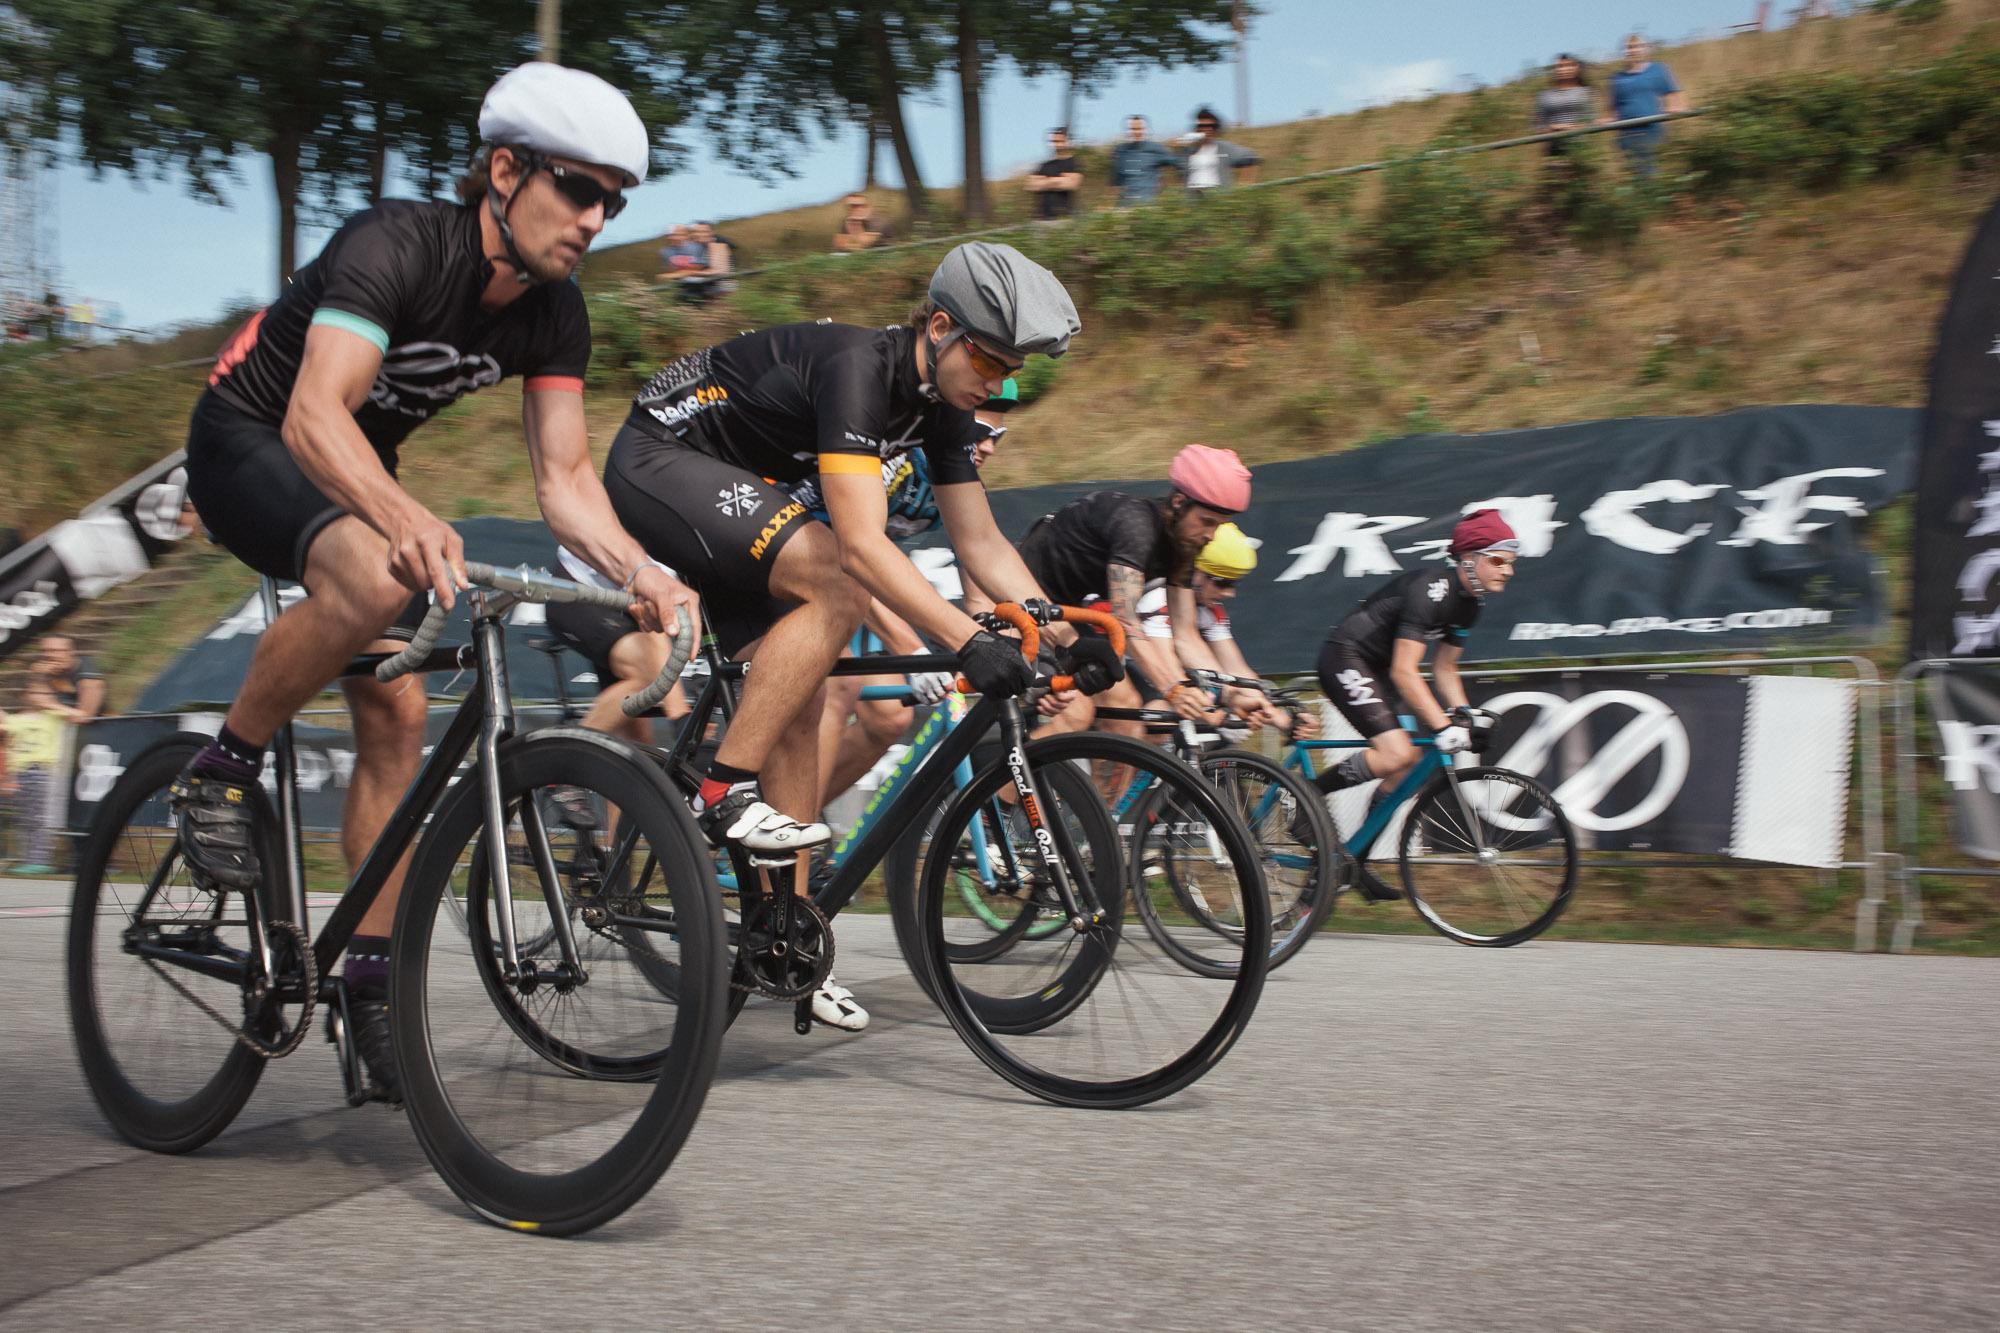 RAD RACE Last Man Standing Heidbergring 140809 Pic by Stefan Haehnel : recentlie.com_2.jpg